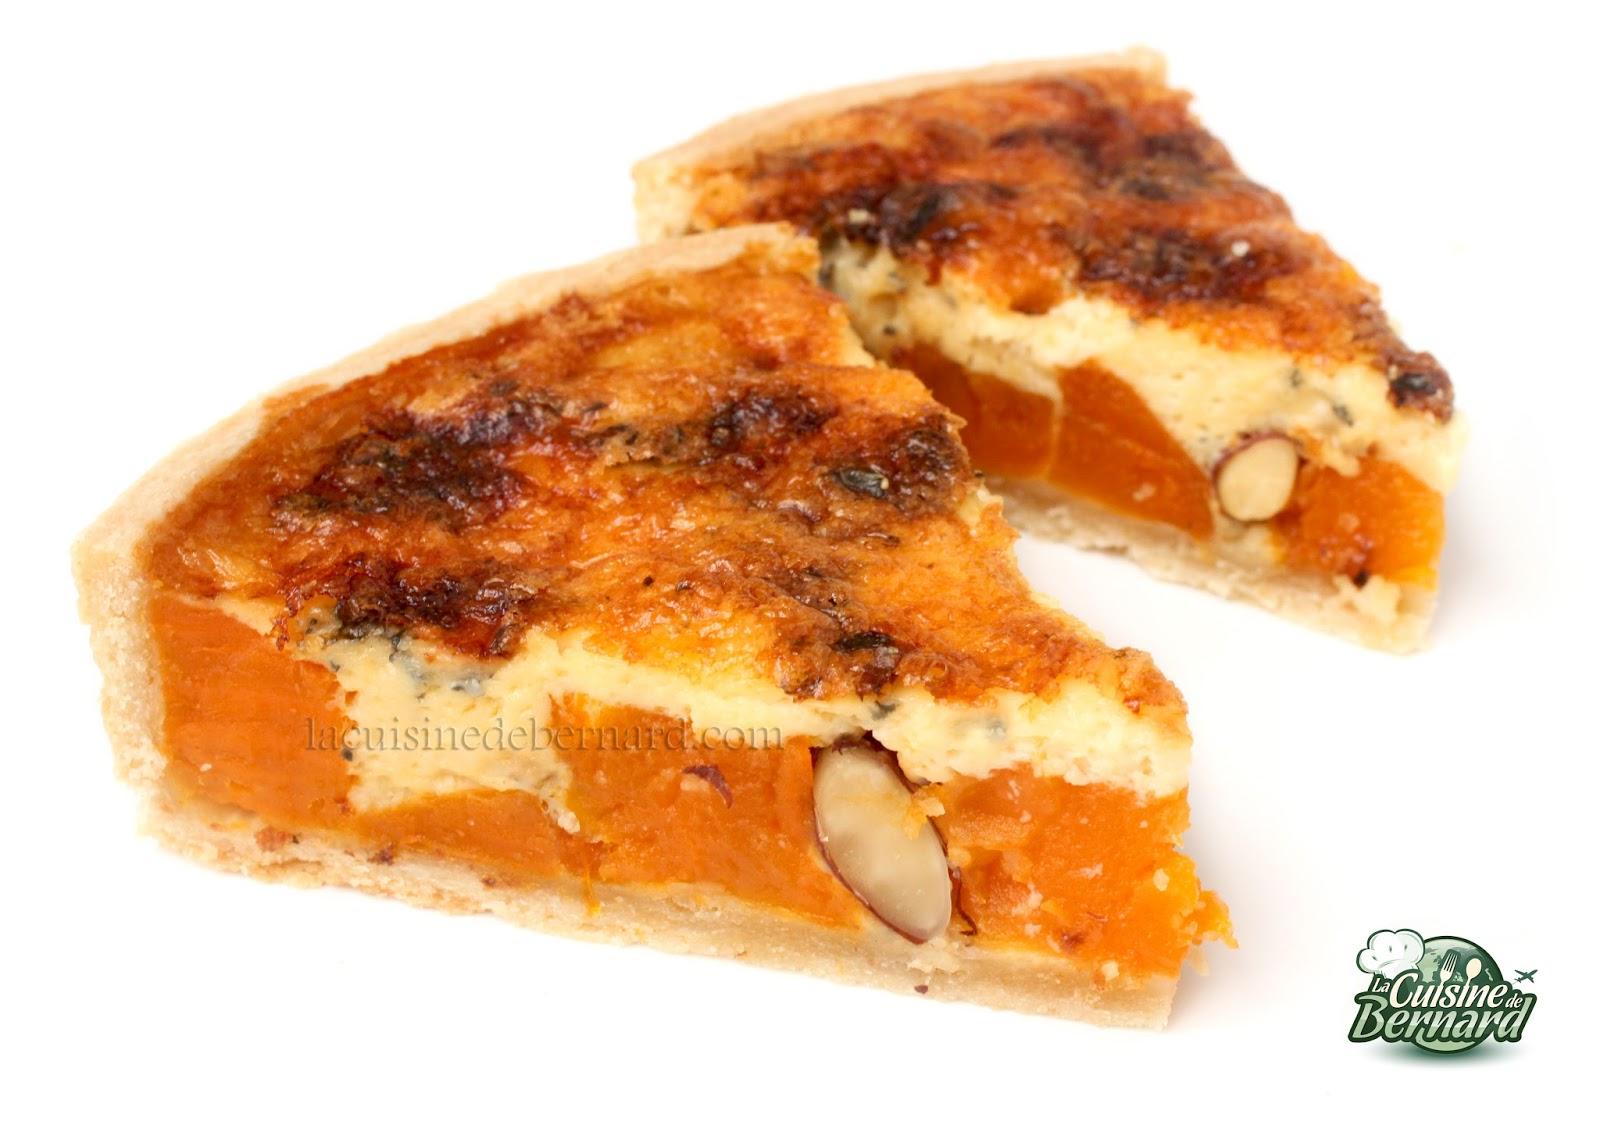 La cuisine de bernard tarte sal e aux patates douces for La cuisine de bernard